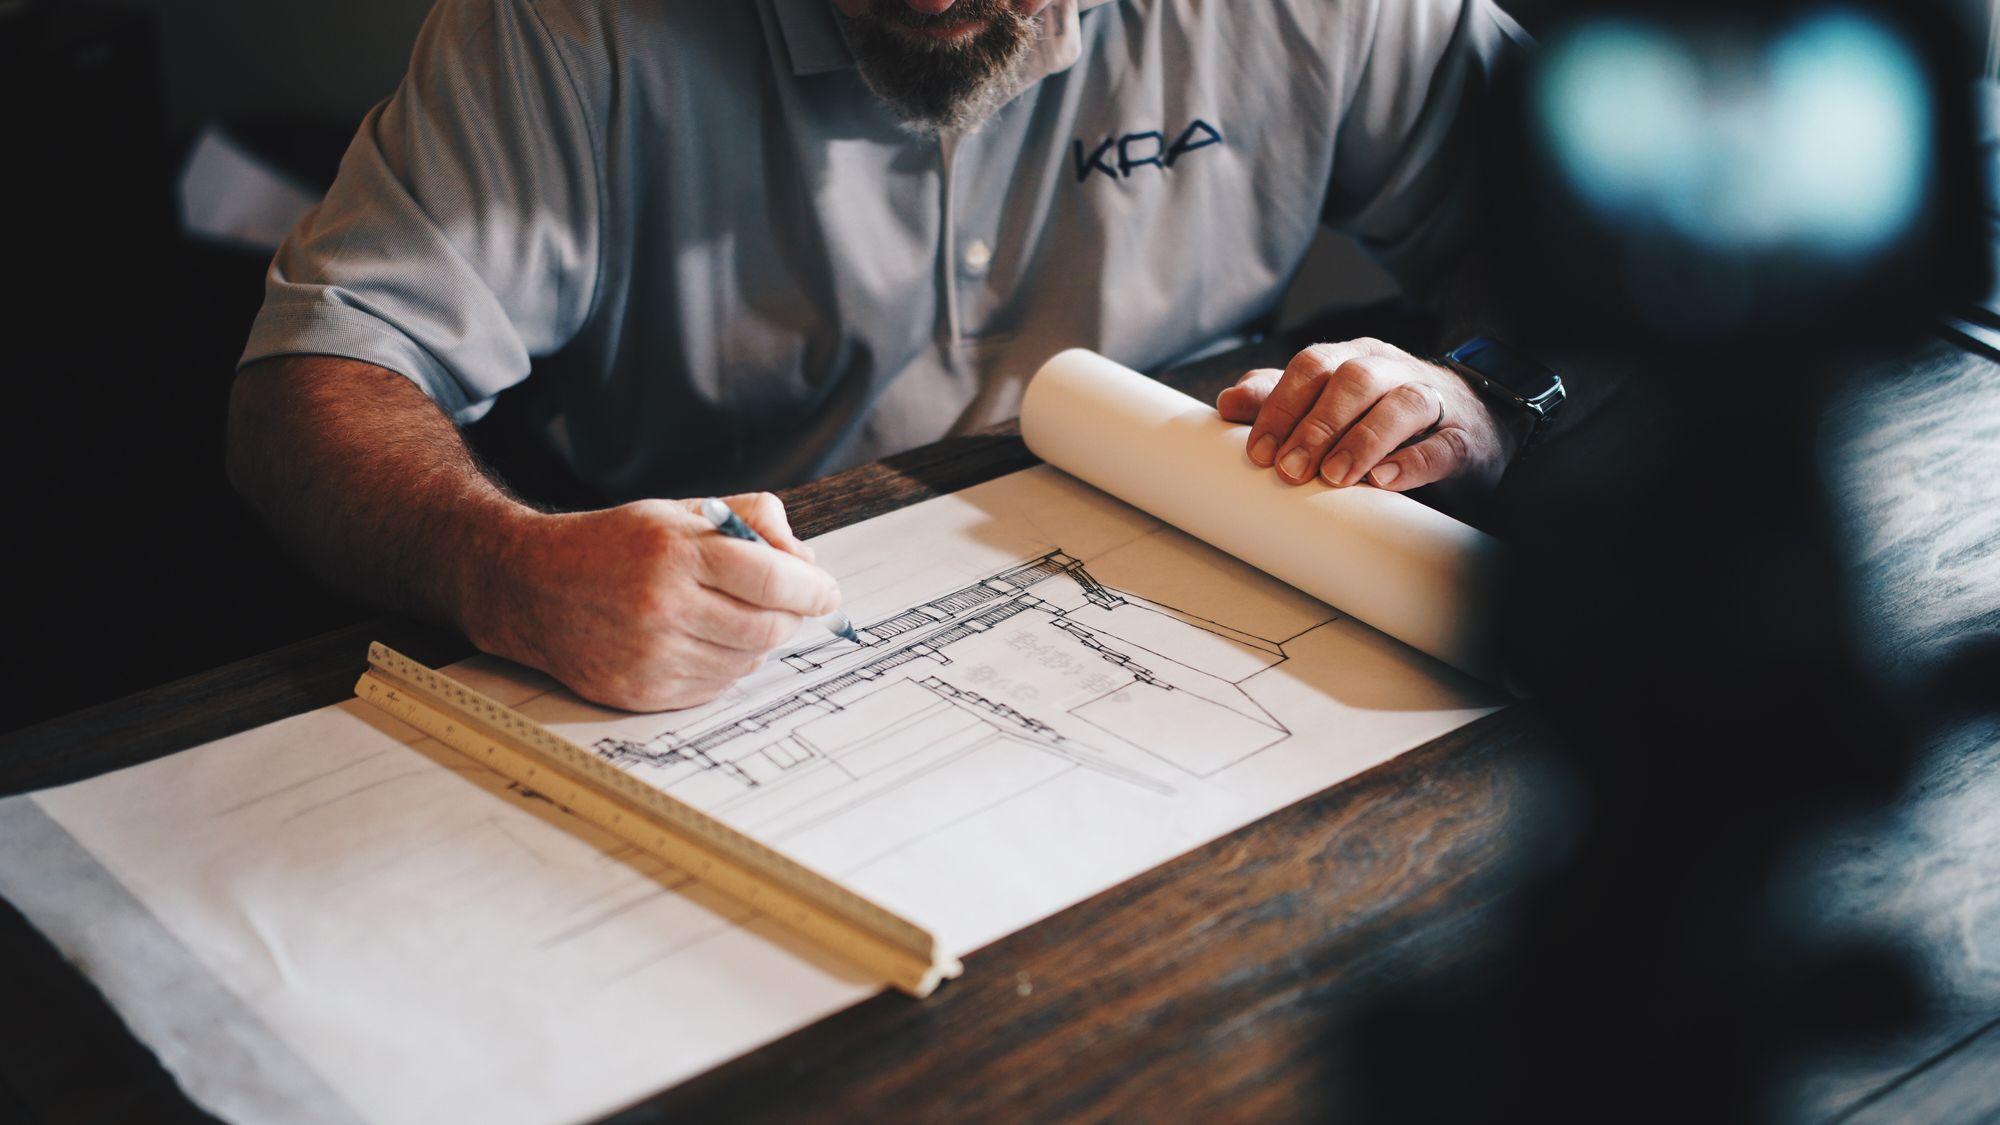 Помощь дизайнерам и архитекторам в разработке проекта